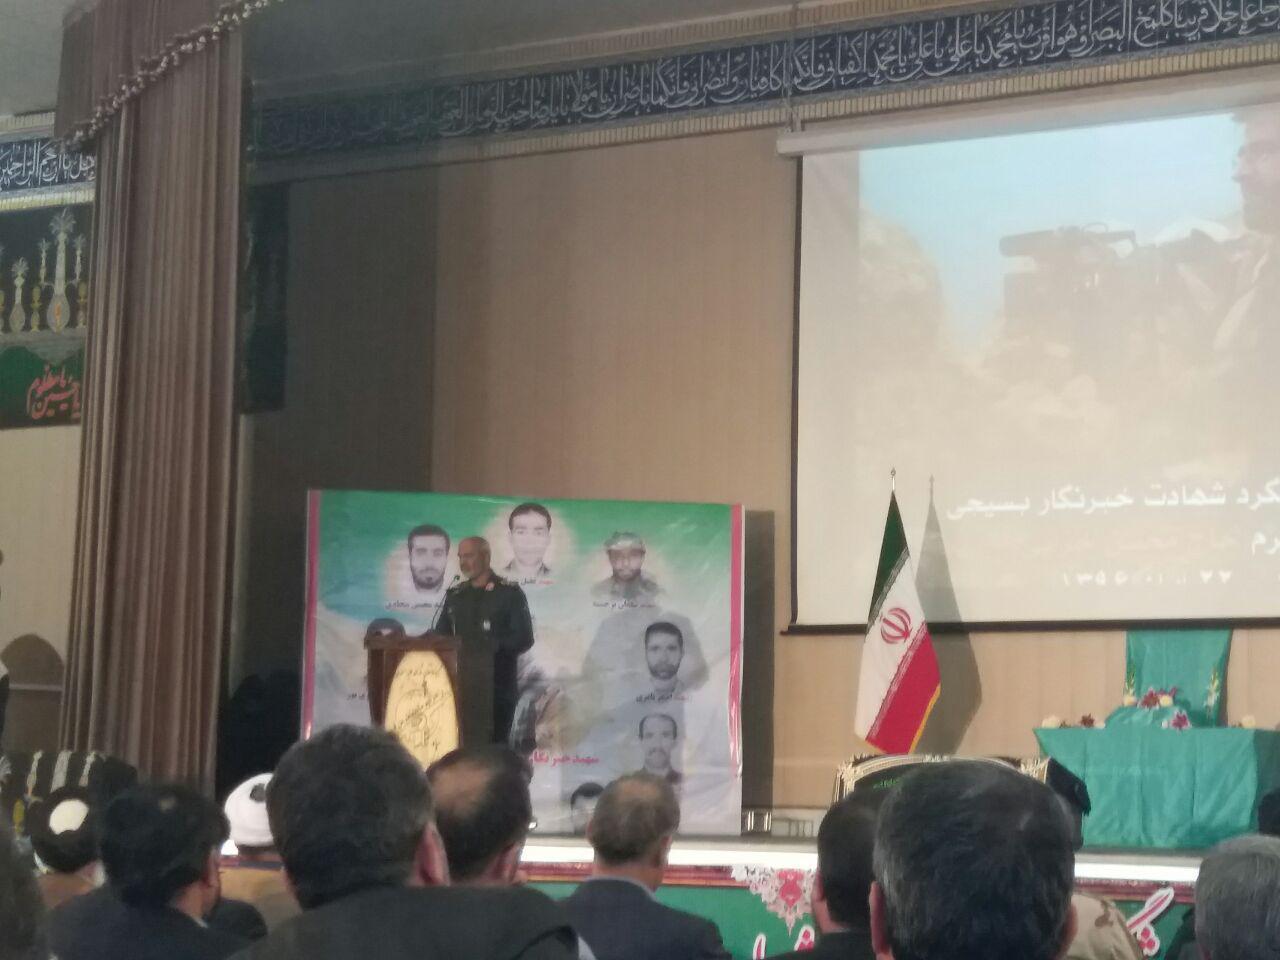 برگزاری اولین سالگرد راوی مقاومت شهید محسن خزائی در زاهدان